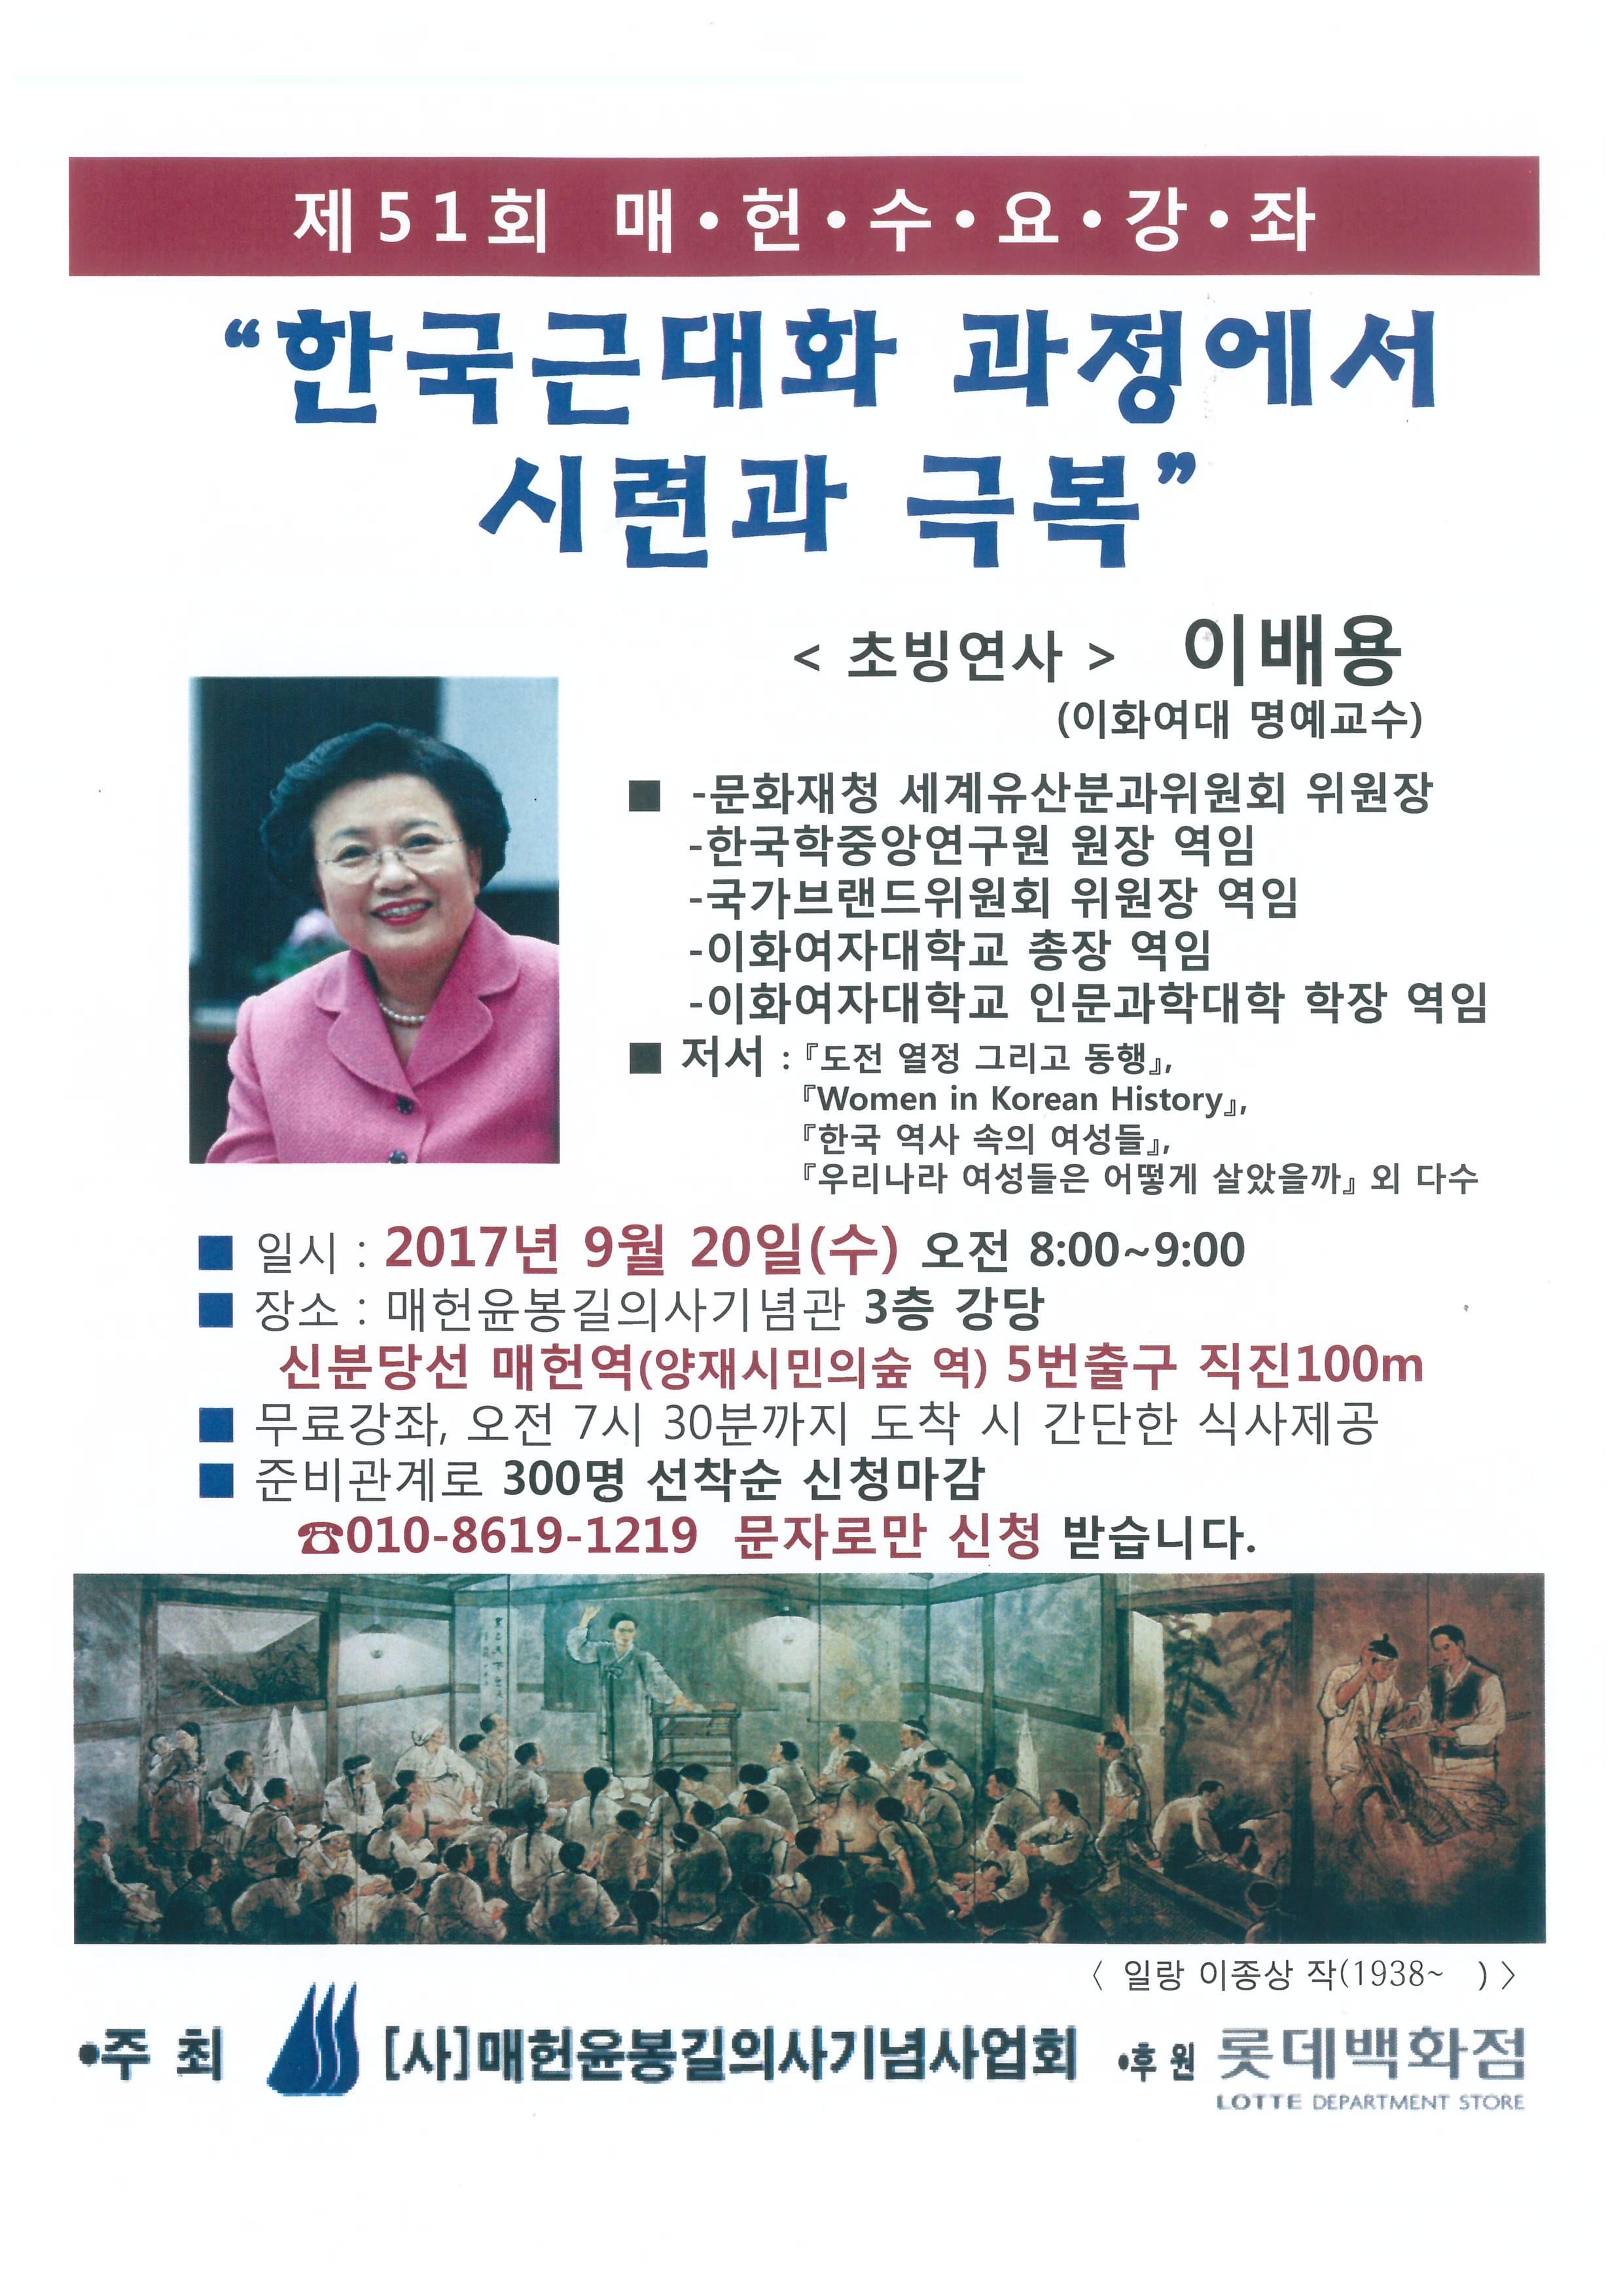 제51회 매헌수요강좌_한국근대화 과정에서 시련과 극복